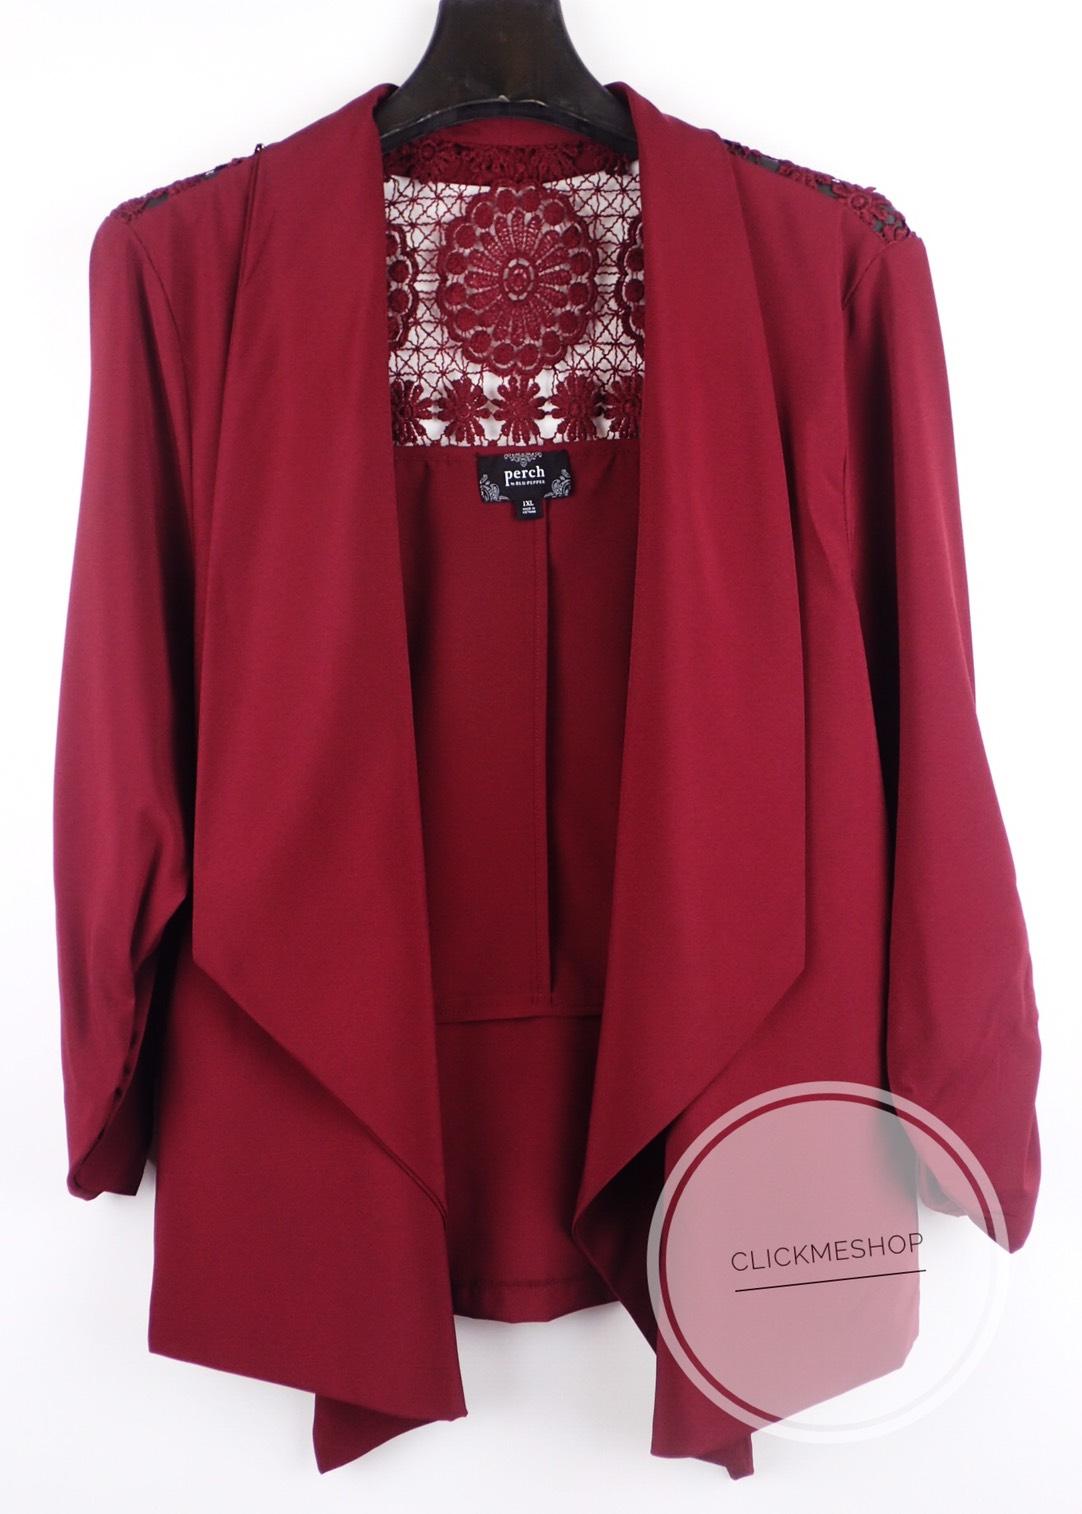 ( ไซส์ 1X หน้าอก 44-46 นิ้ว ) เสื้อคลุม สีแดง ยี่ห้อ Perch by blupepper จีบแขน ด้านหลังแต่งโคเชน่ารักคะ